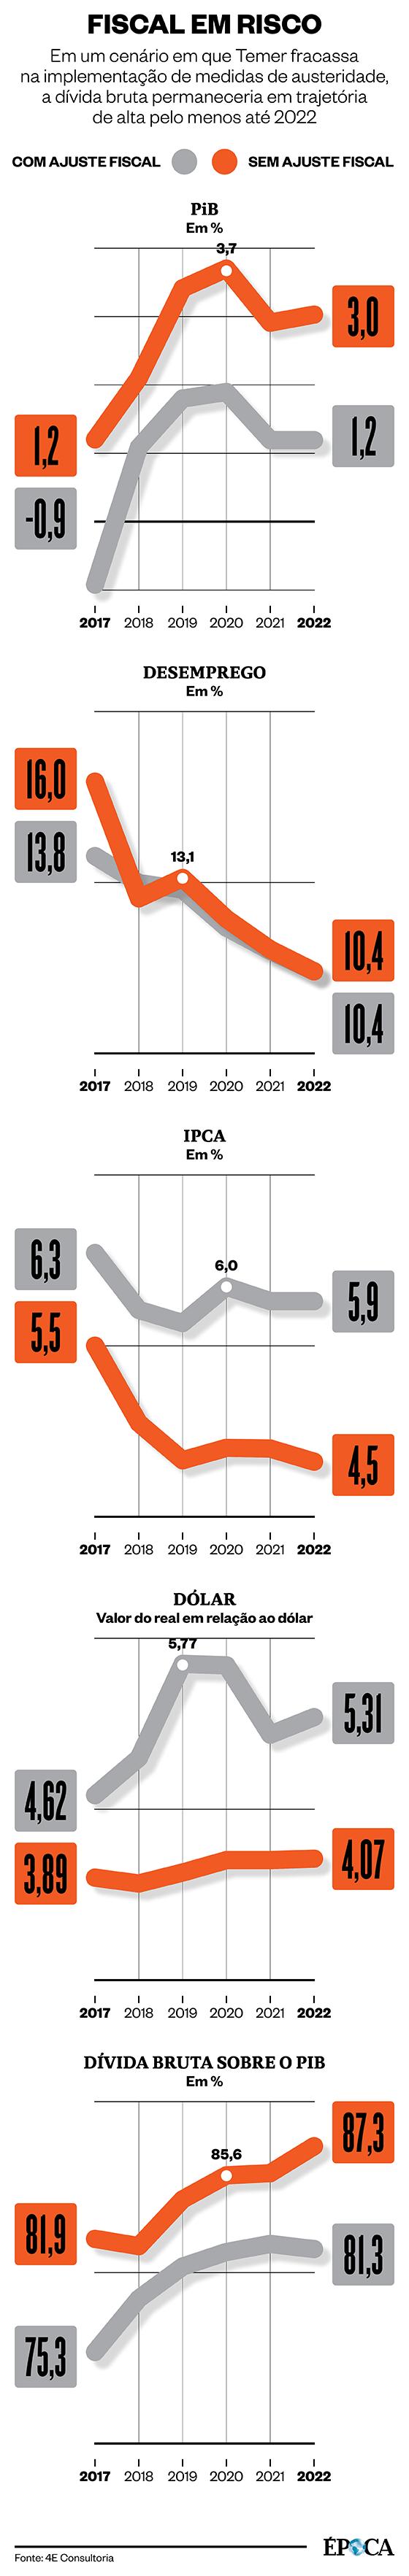 Cenários com e sem aprovação de ajuste fiscal  (Foto: ÉPOCA)